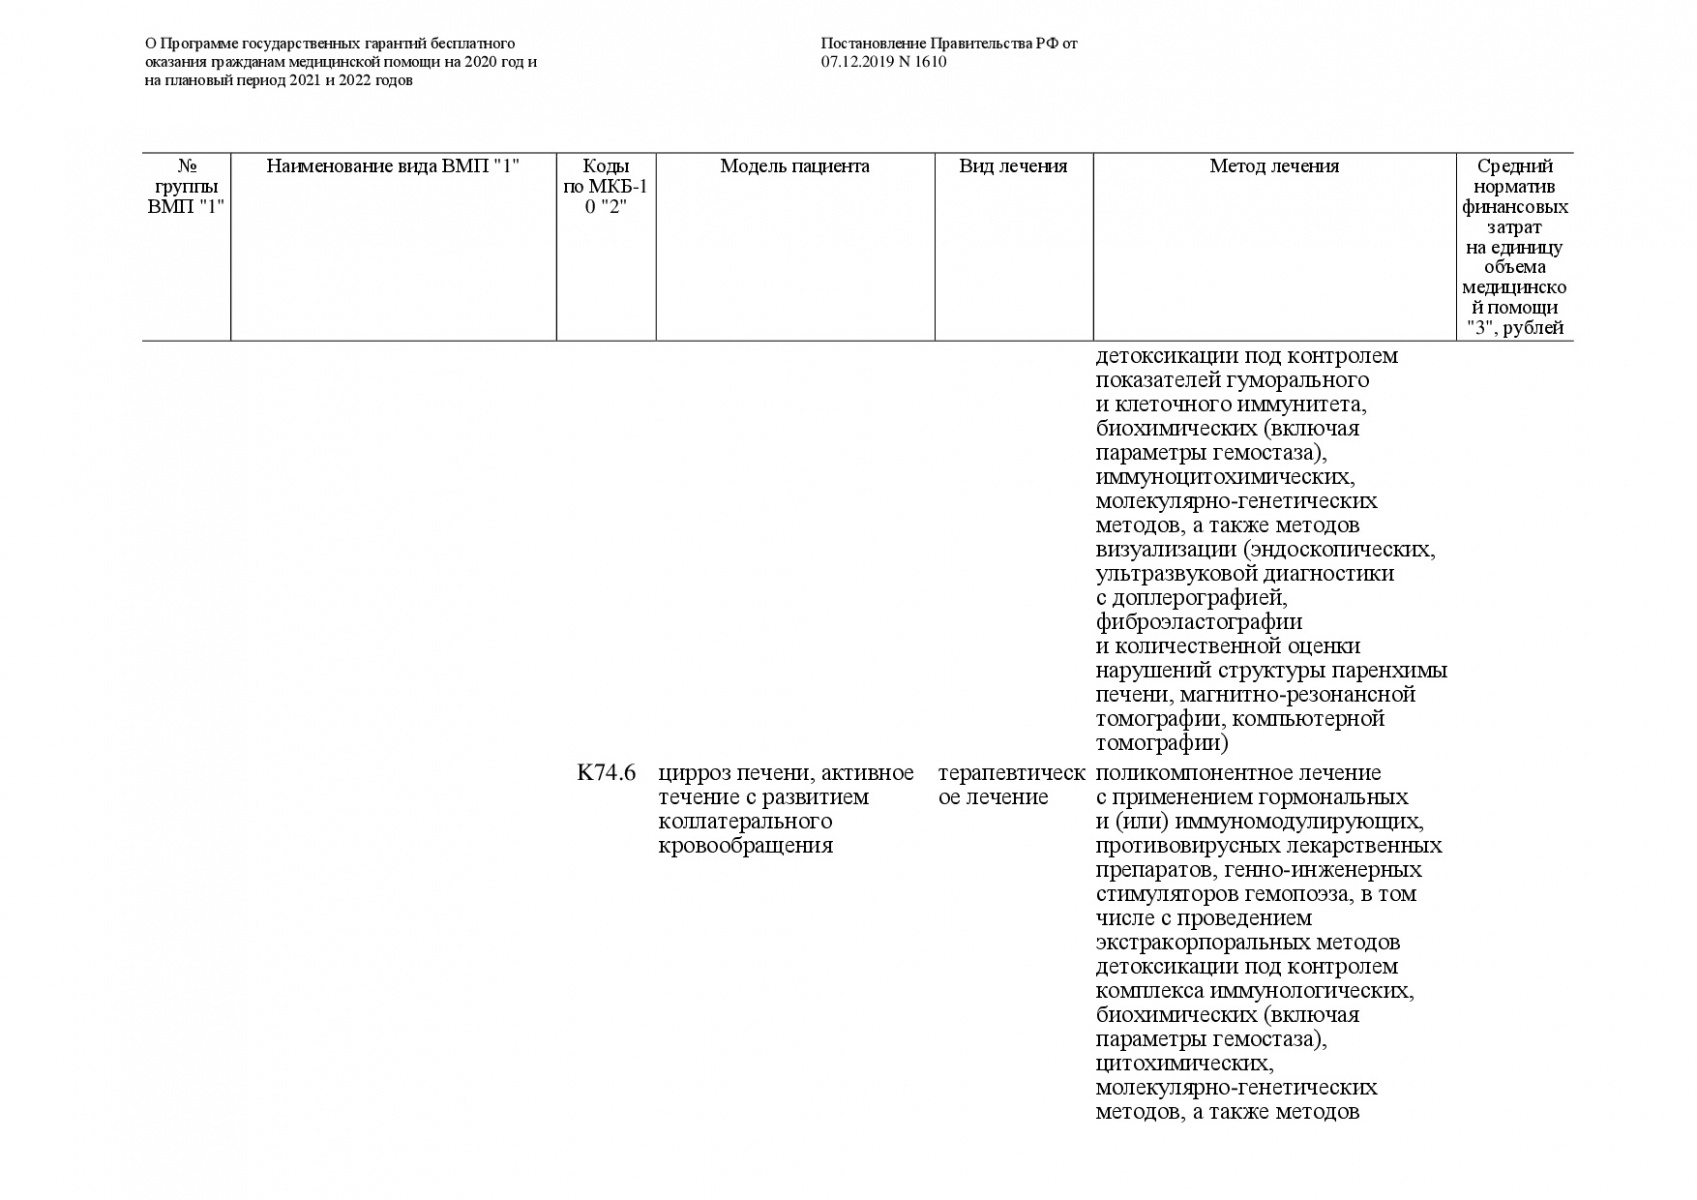 Postanovlenie-Pravitelstva-RF-ot-07_12_2019-1610-O-PGG-246